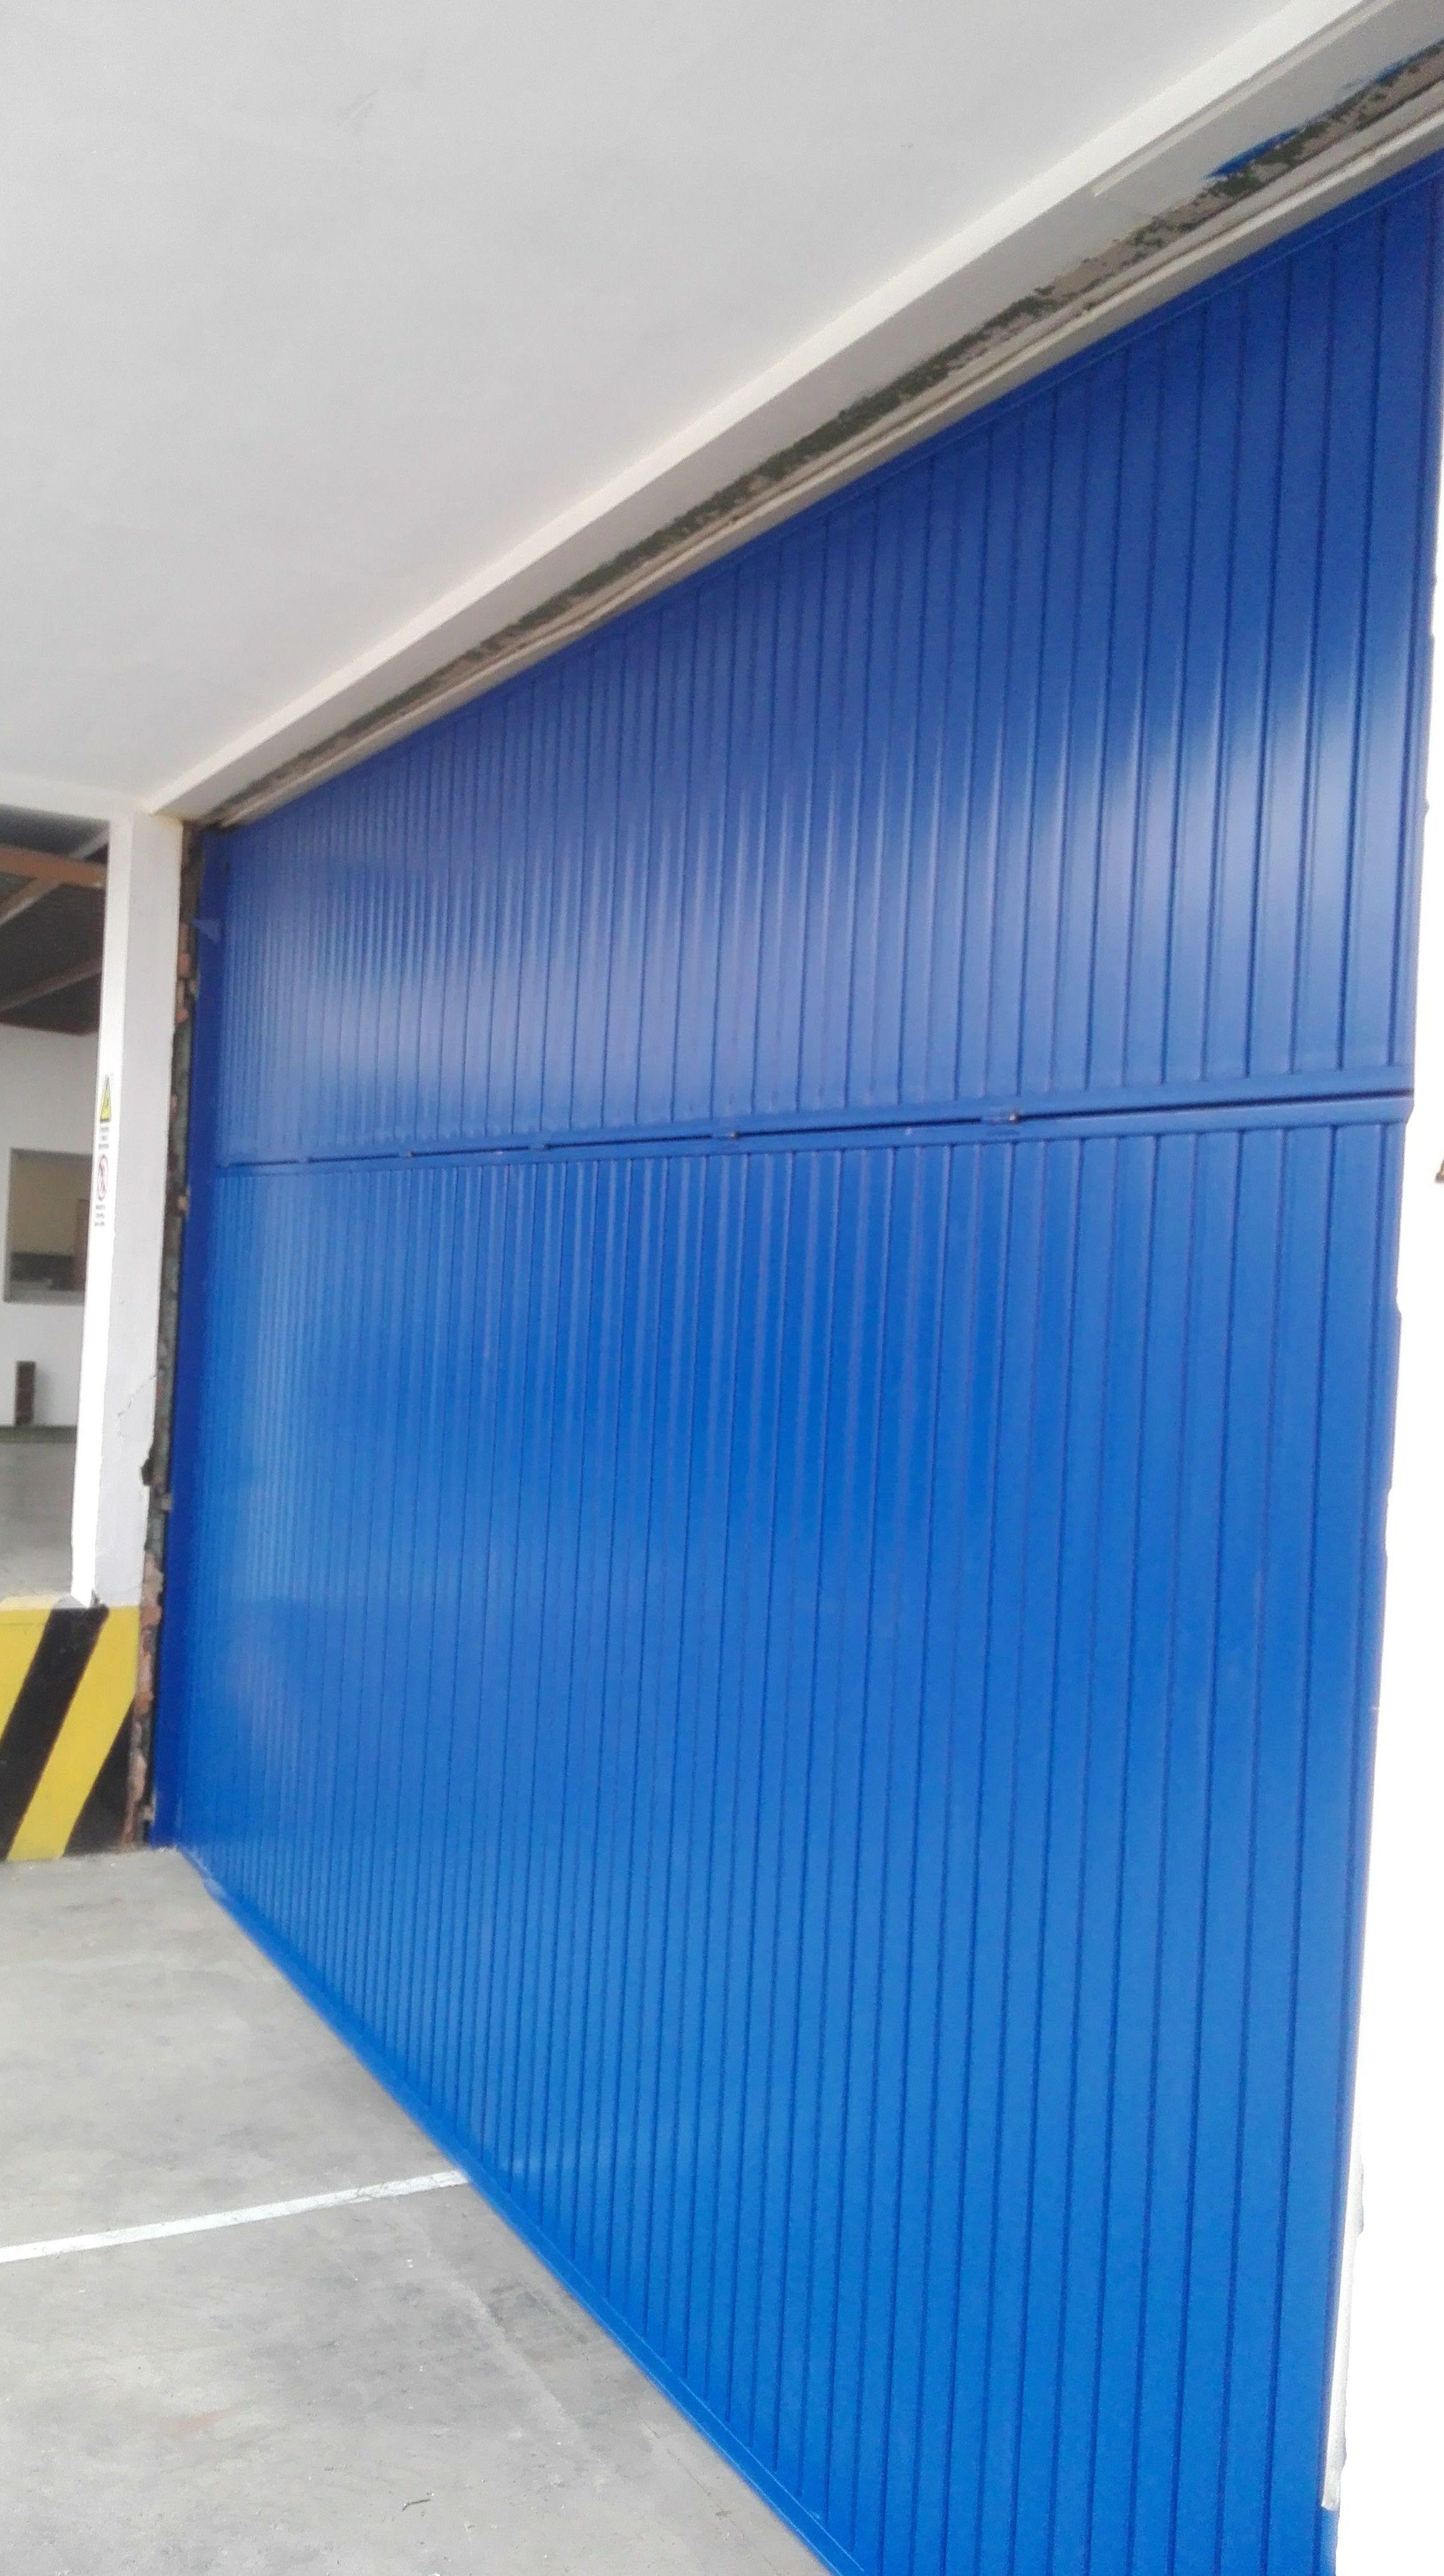 Puerta basculante de contrapesos de chapa metálica en pintura de color azul 5005 en Paterna